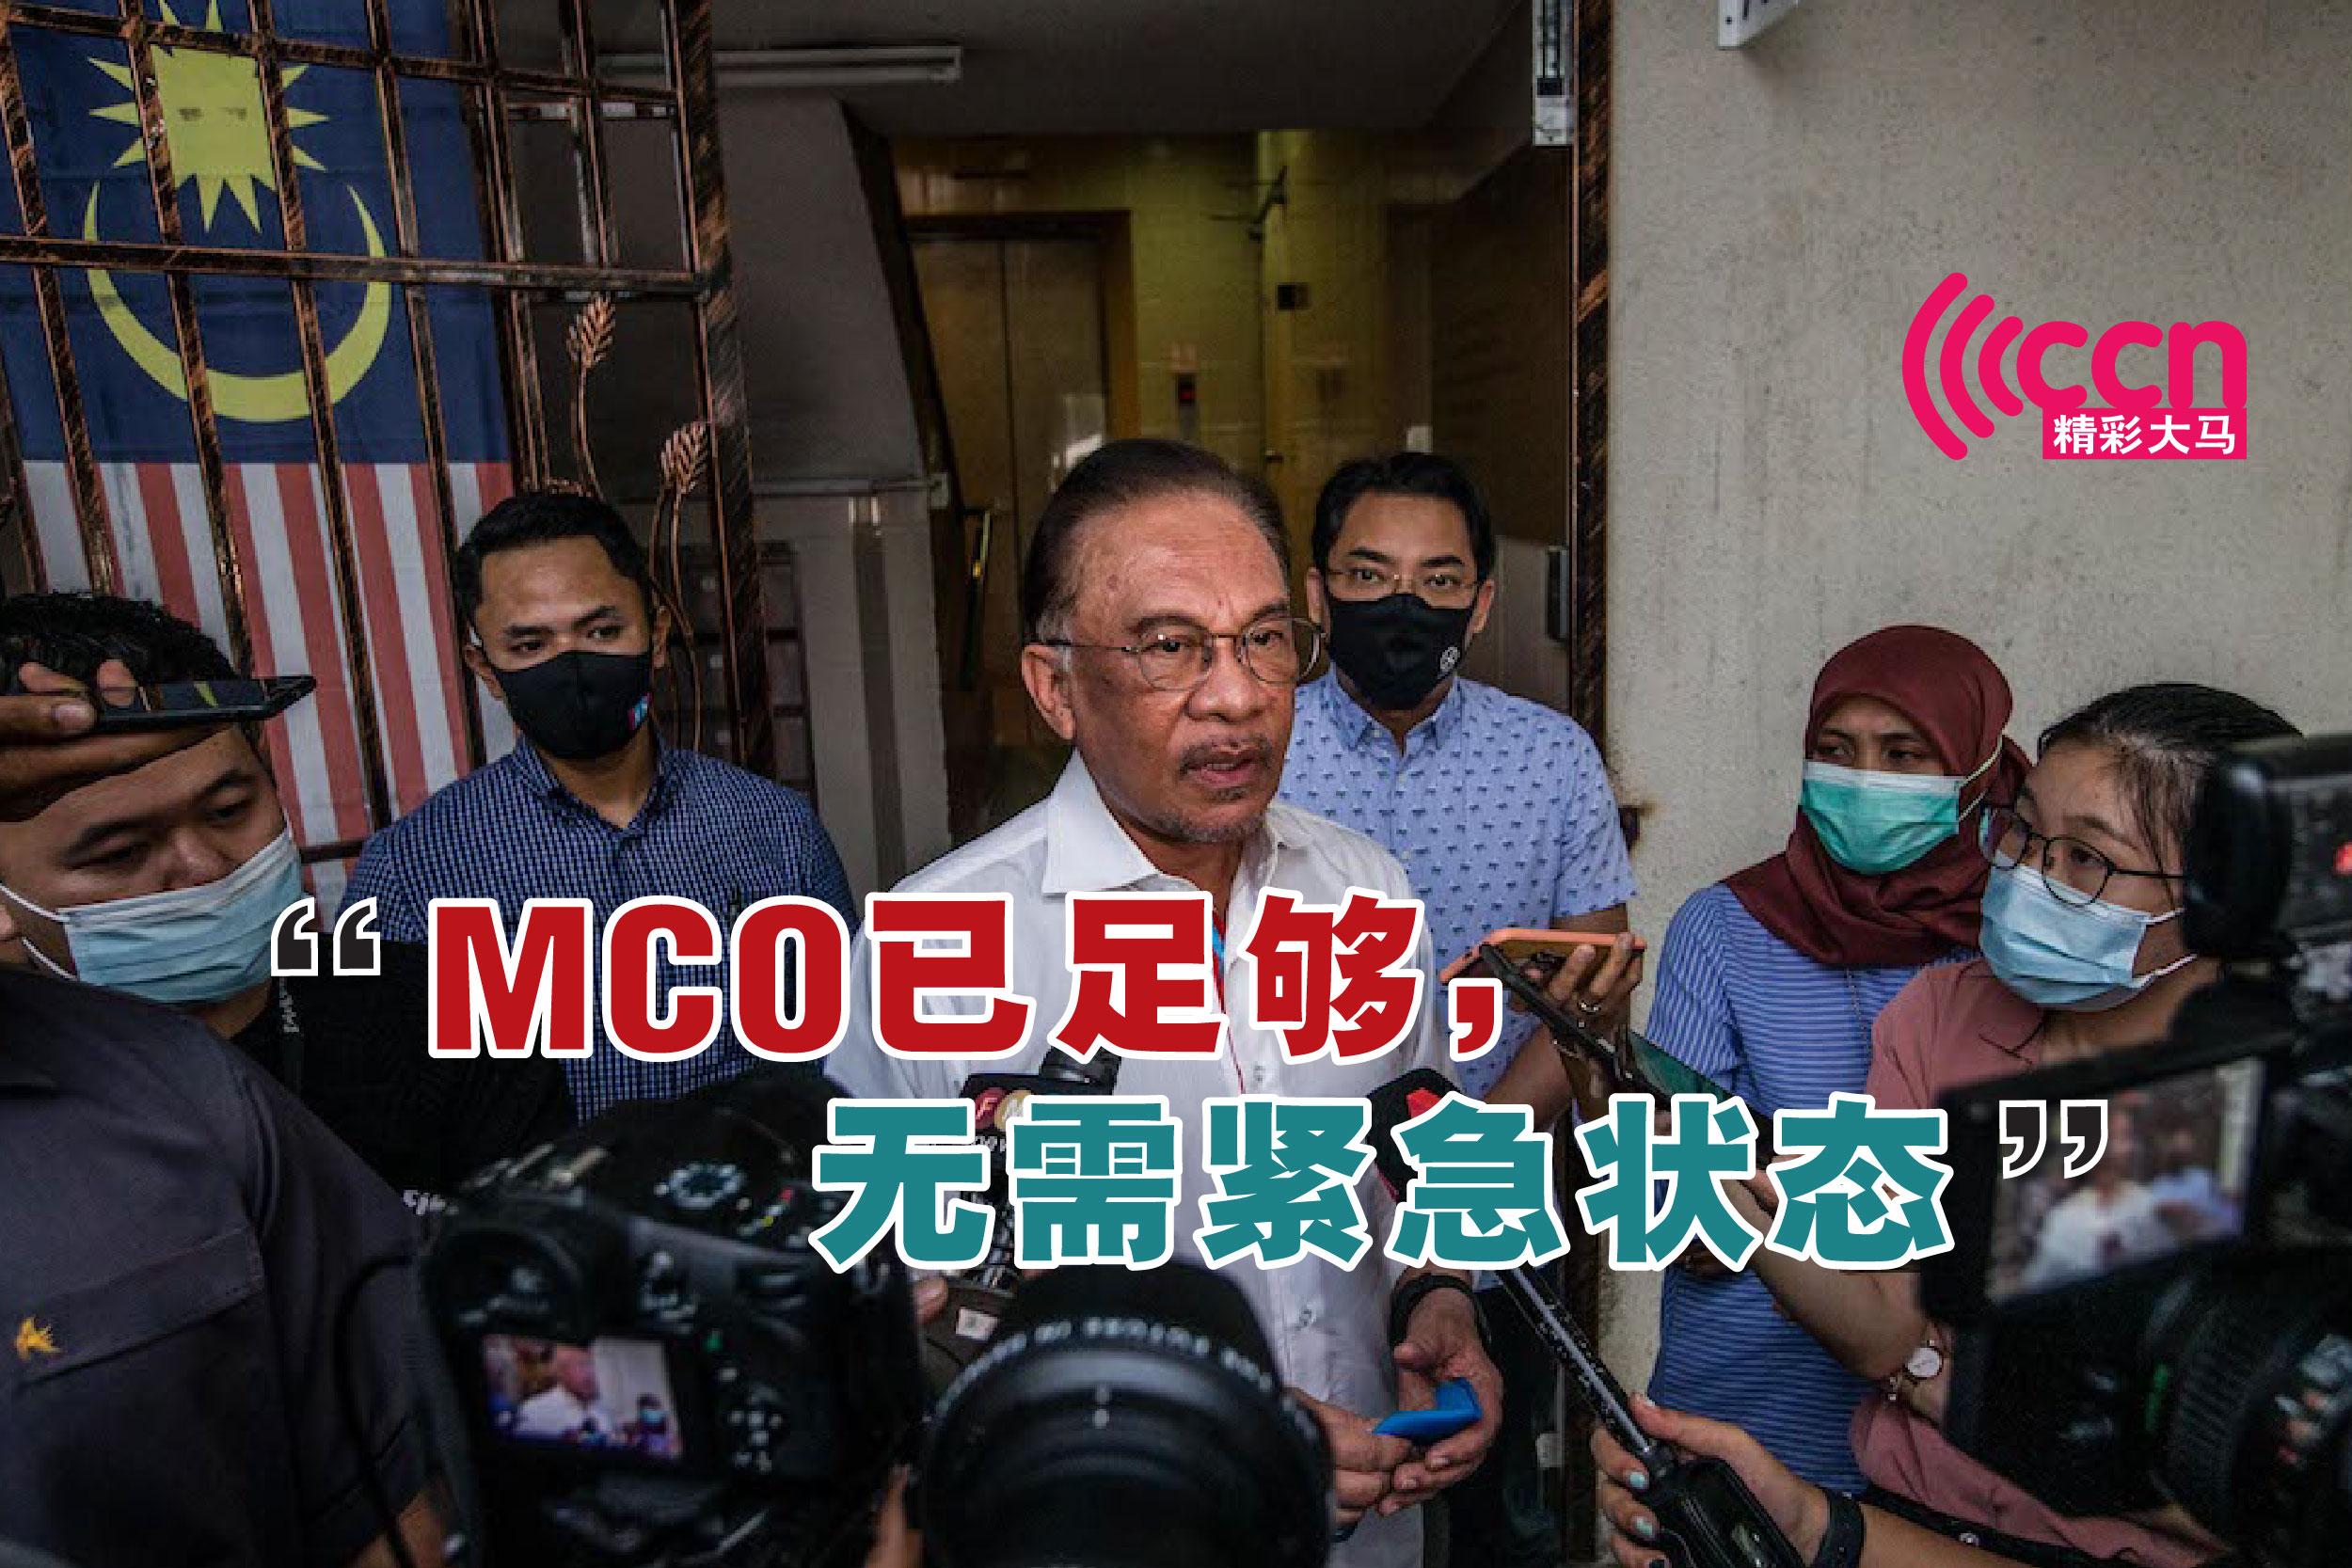 安华认为,现有拨款和措施如行动限制令(MCO),已足以抗疫,无需颁布紧急状态。-精彩大马制图-